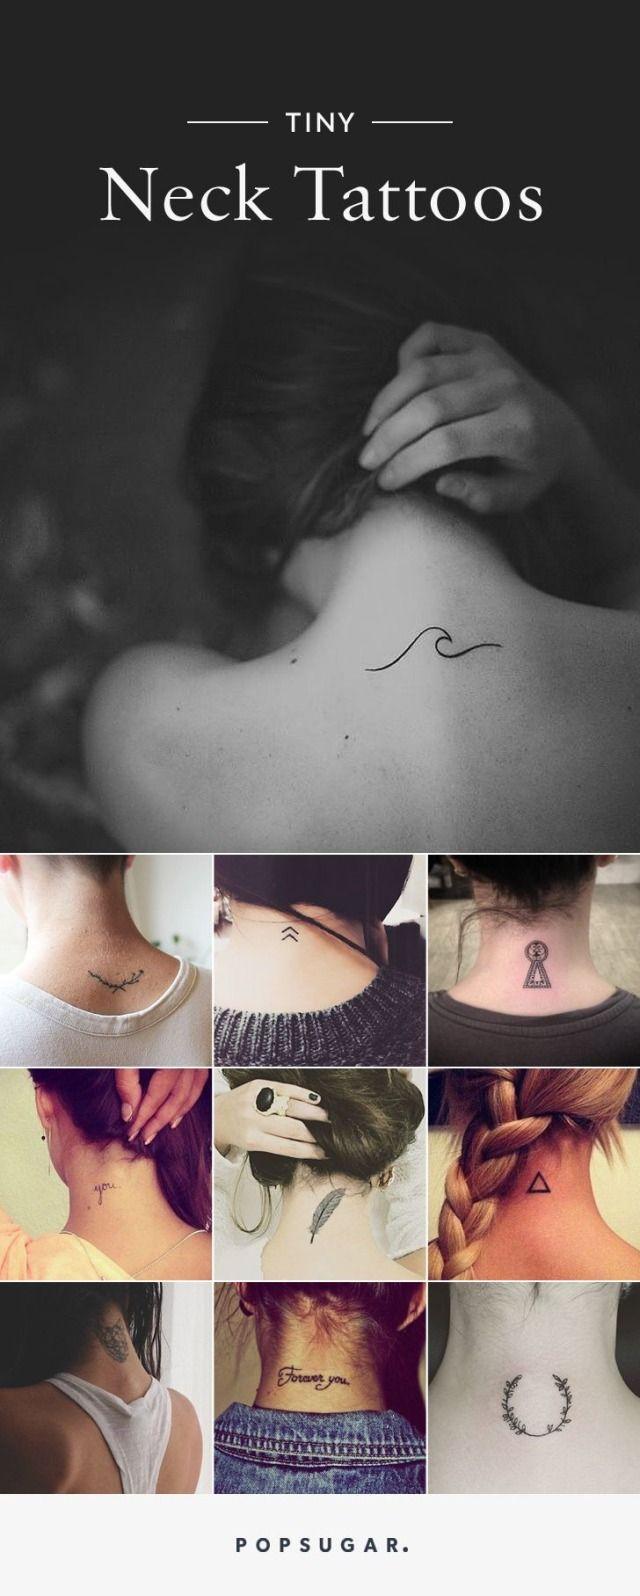 Tiny Neck Tattoo Inspiration